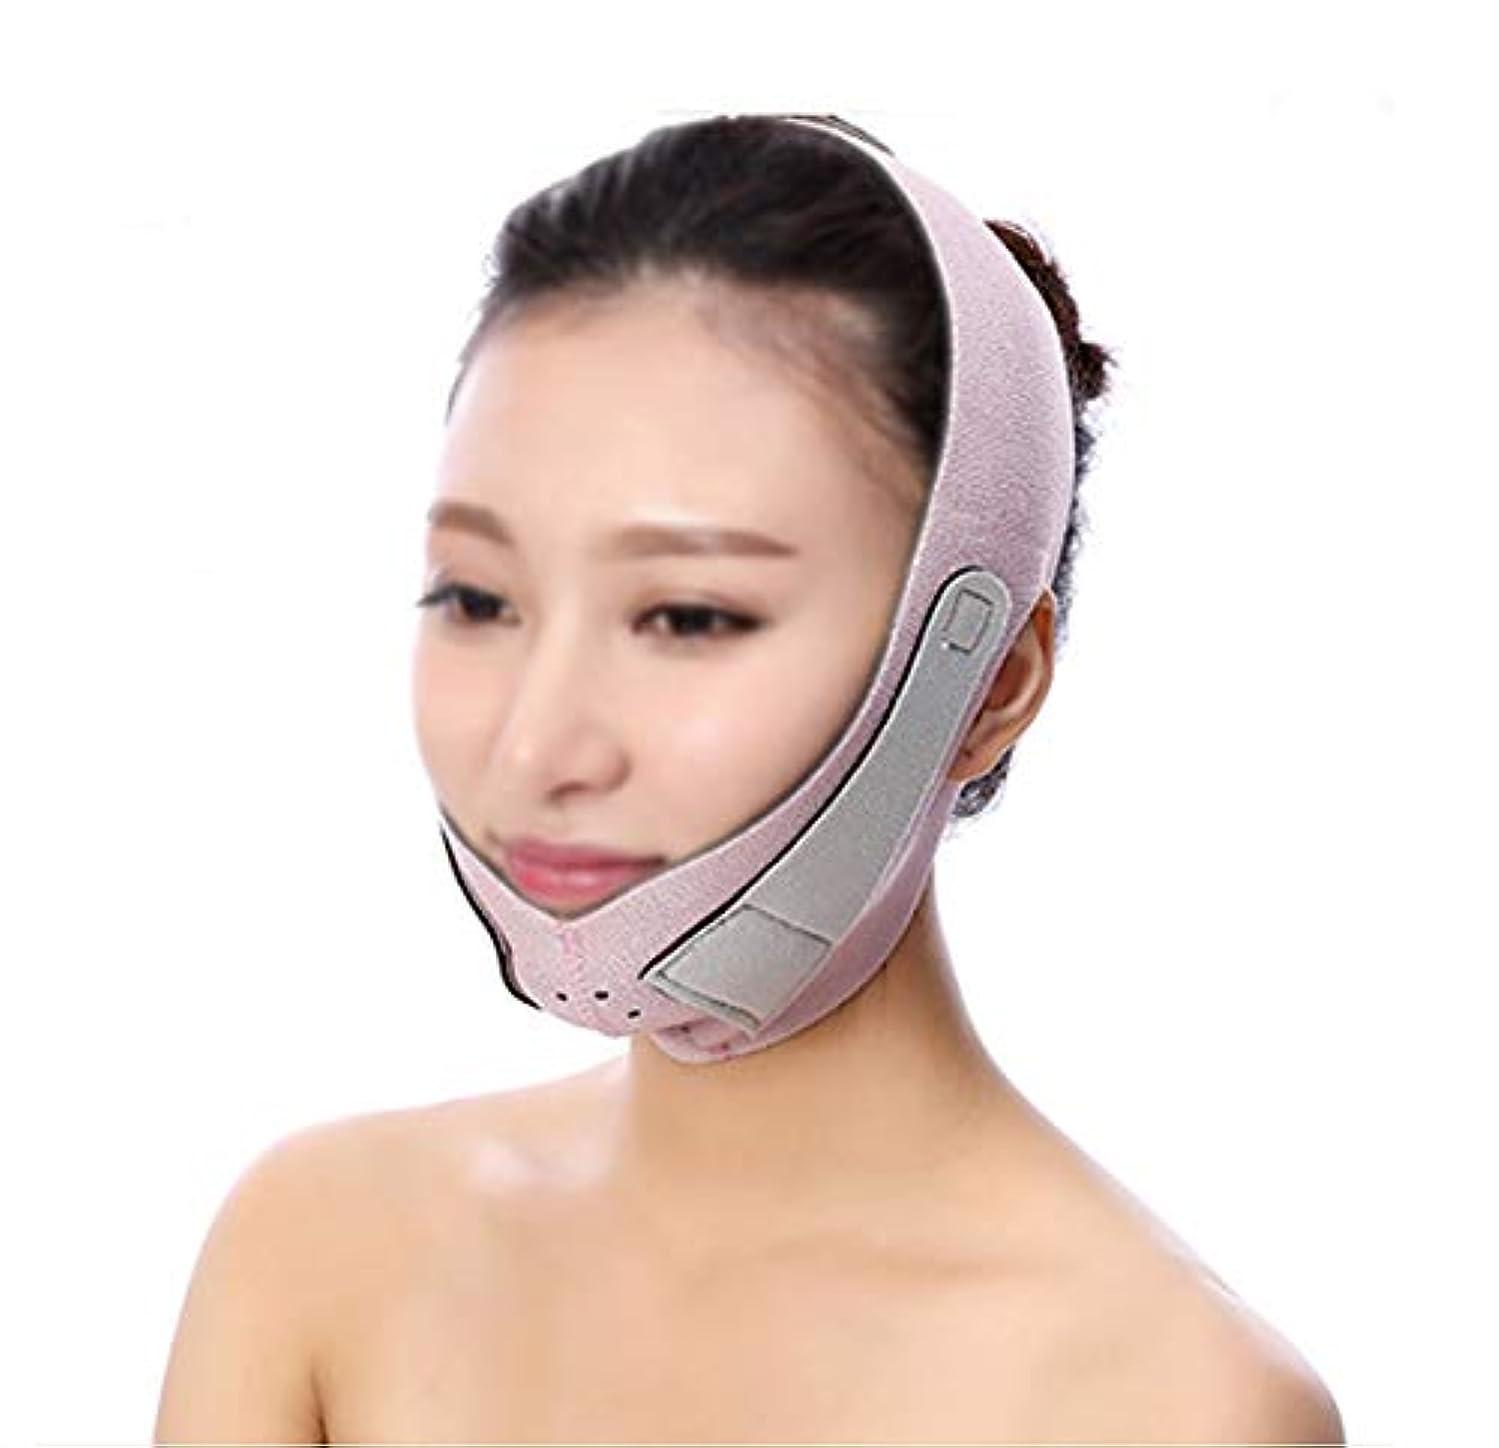 埋めるライセンスマスタードLJK 薄い顔包帯小さなv顔アーティファクト男性と女性のフェイスリフトアーティファクト強力なアップグレード小さなVフェイスマスクフェイスマッサージローラー包帯二重あご日本 (Color : A)